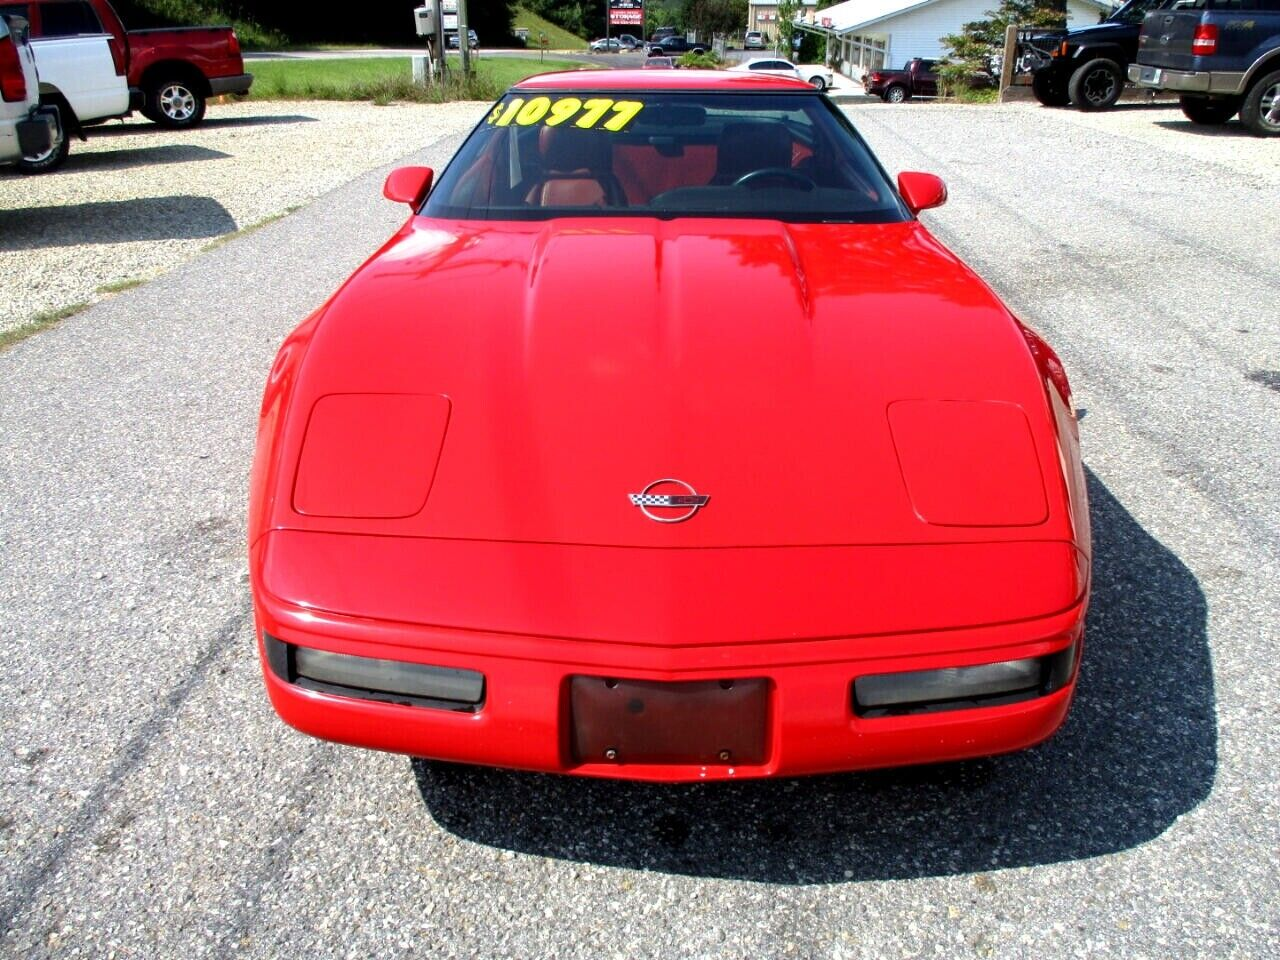 1991 Red Chevrolet Corvette Coupe    C4 Corvette Photo 8